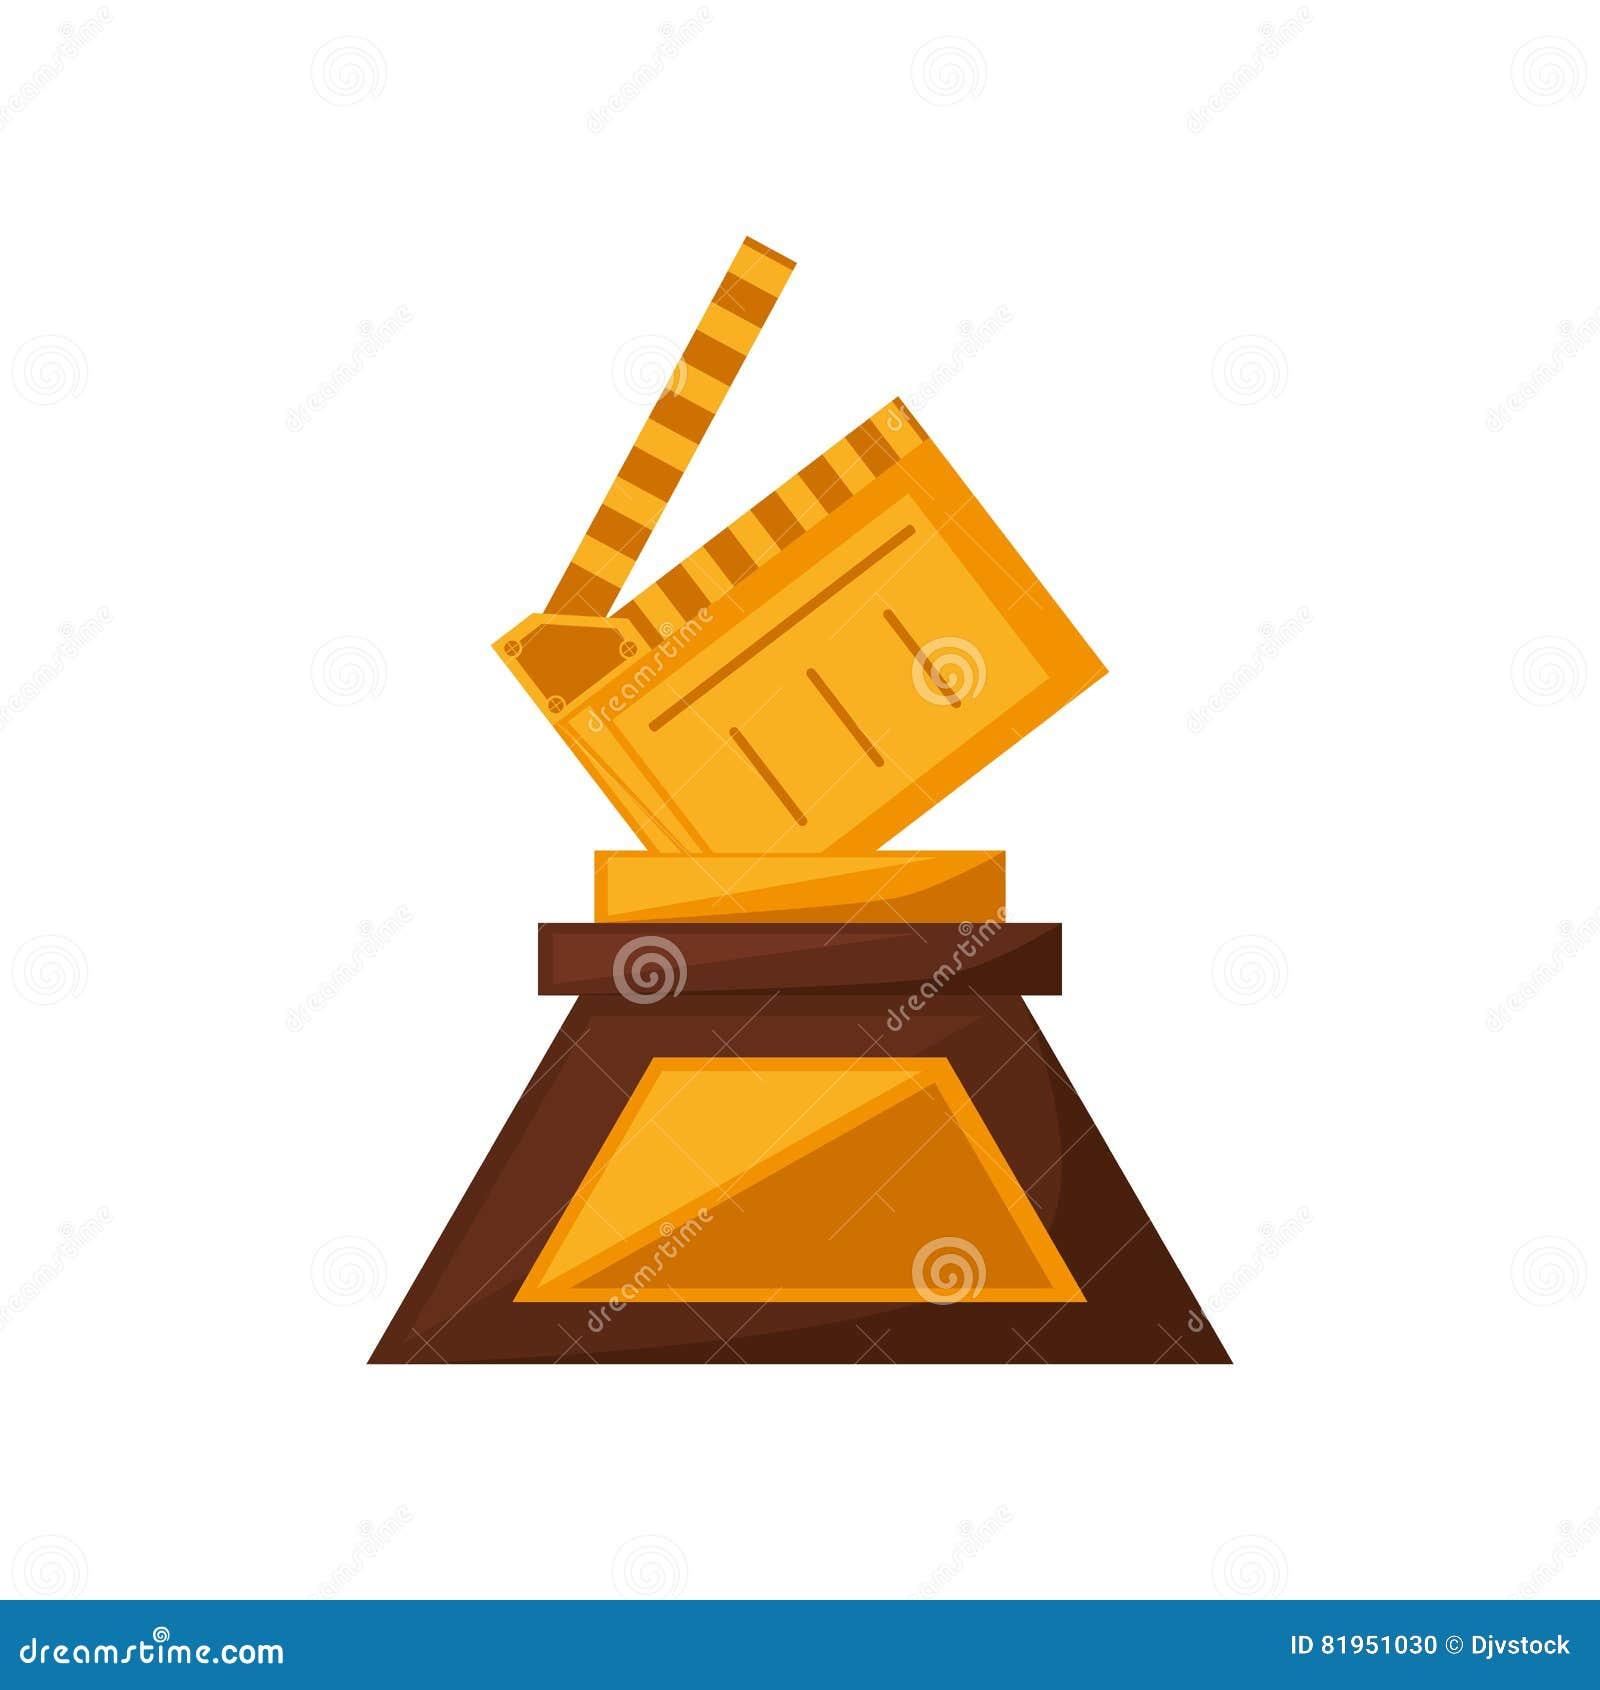 Clapper Film Trophy Awards Golden